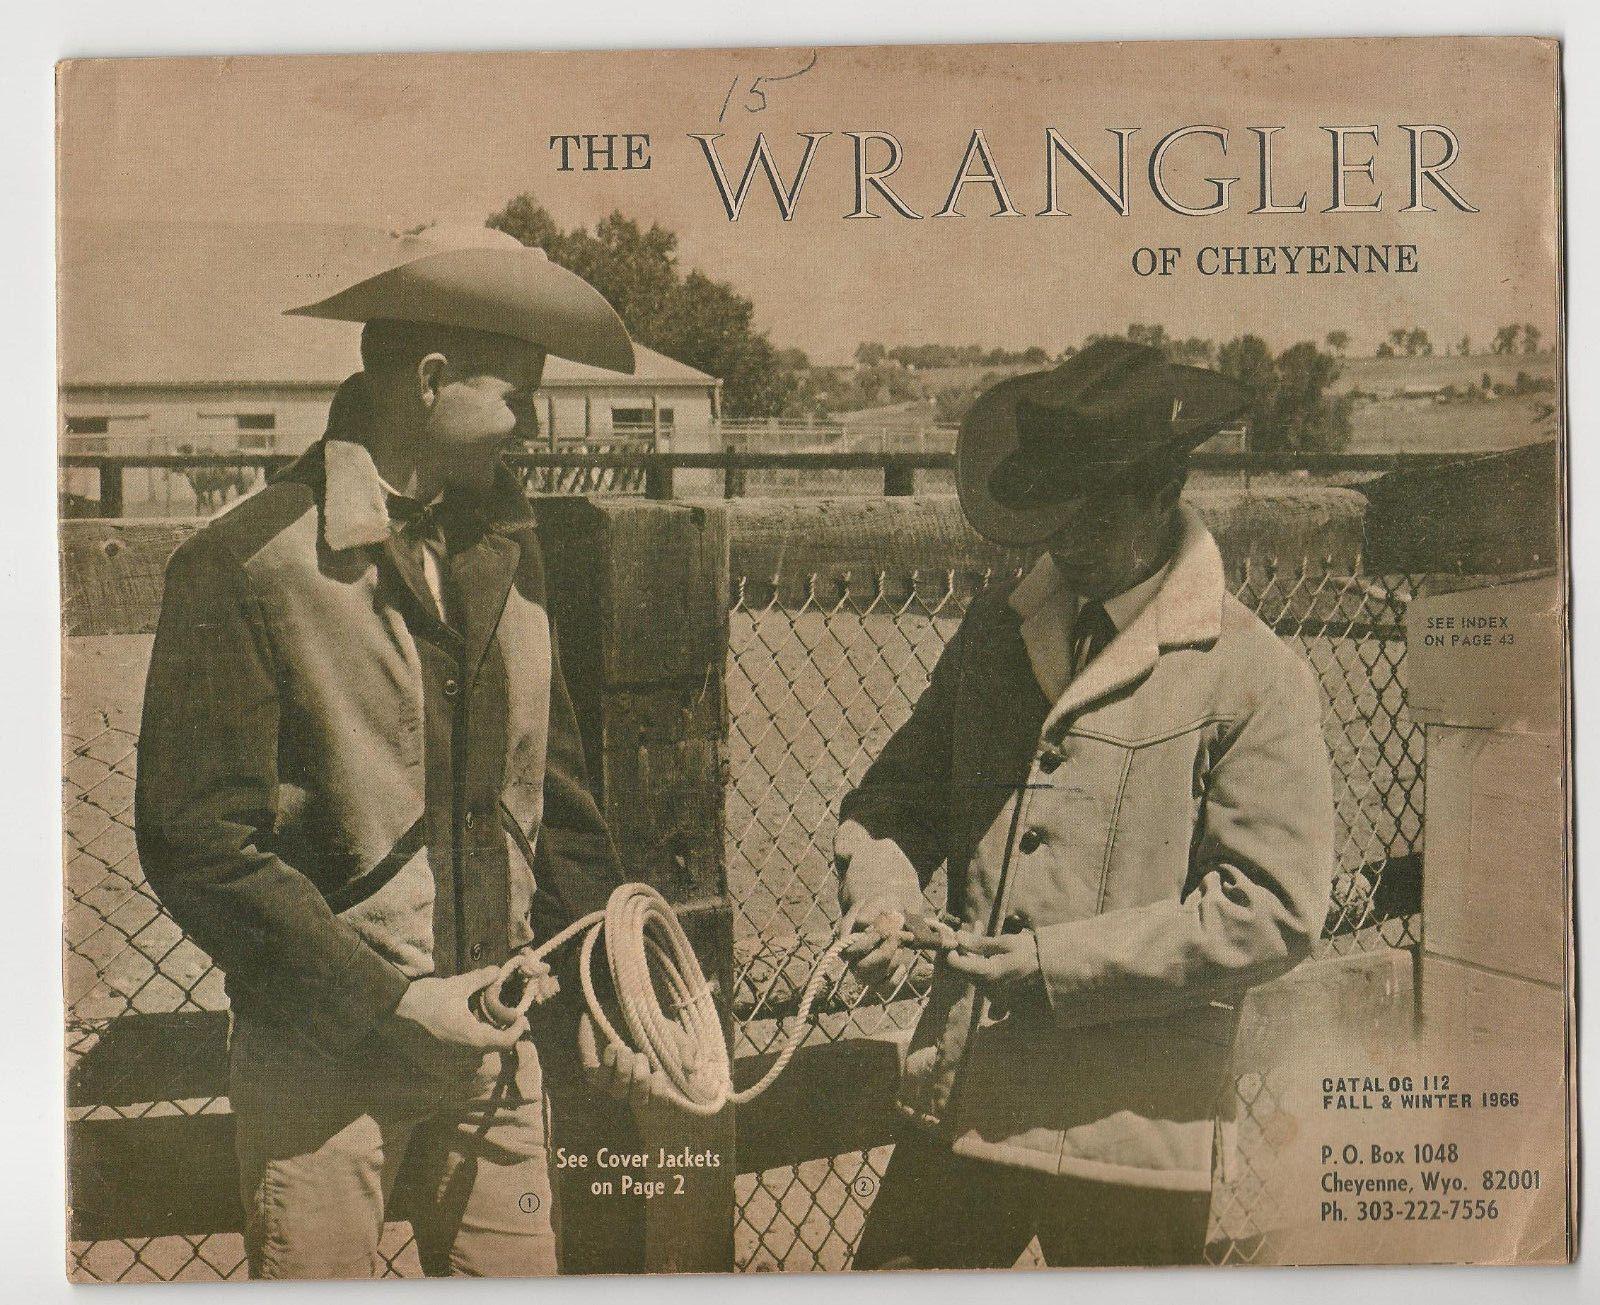 The_Wrangler_Cheyenne_Catalog_1966.jpg